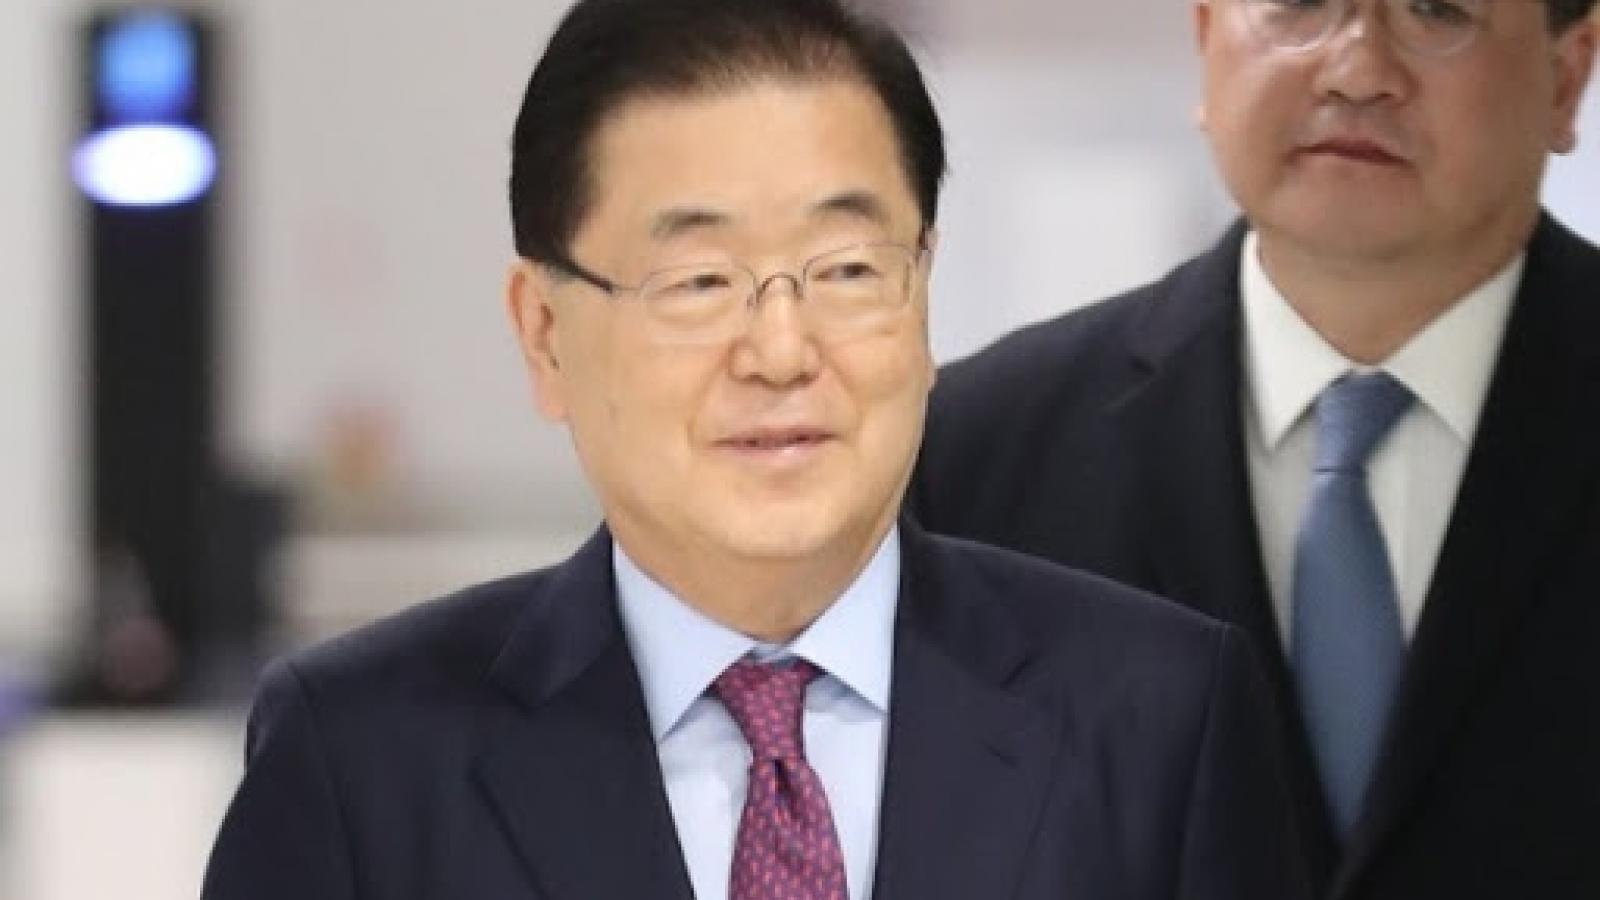 Vì Triều Tiên, Hàn Quốc và Trung Quốc gác lại bất đồng